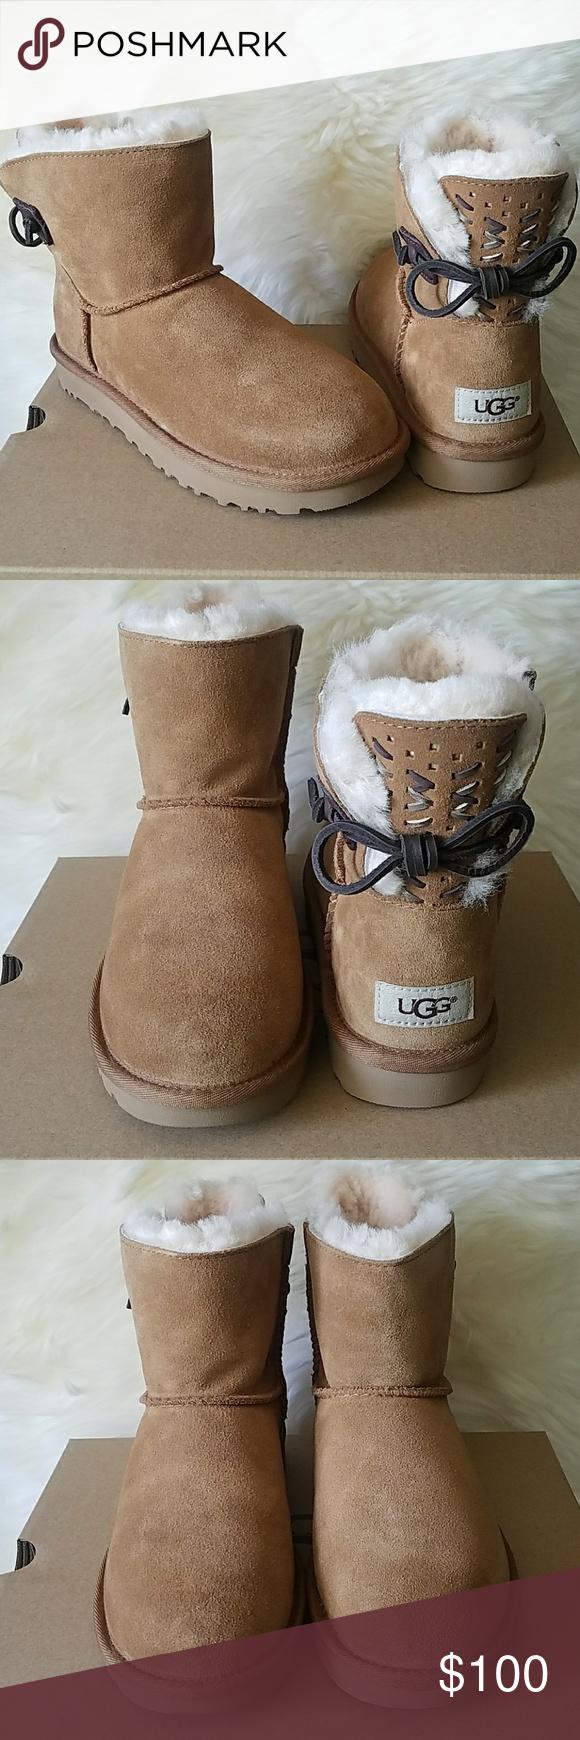 96f0b5568af UGG Adoria Tehuano Bow Chestnut Mini Boots size 6 UGG Adoria Tehuano ...